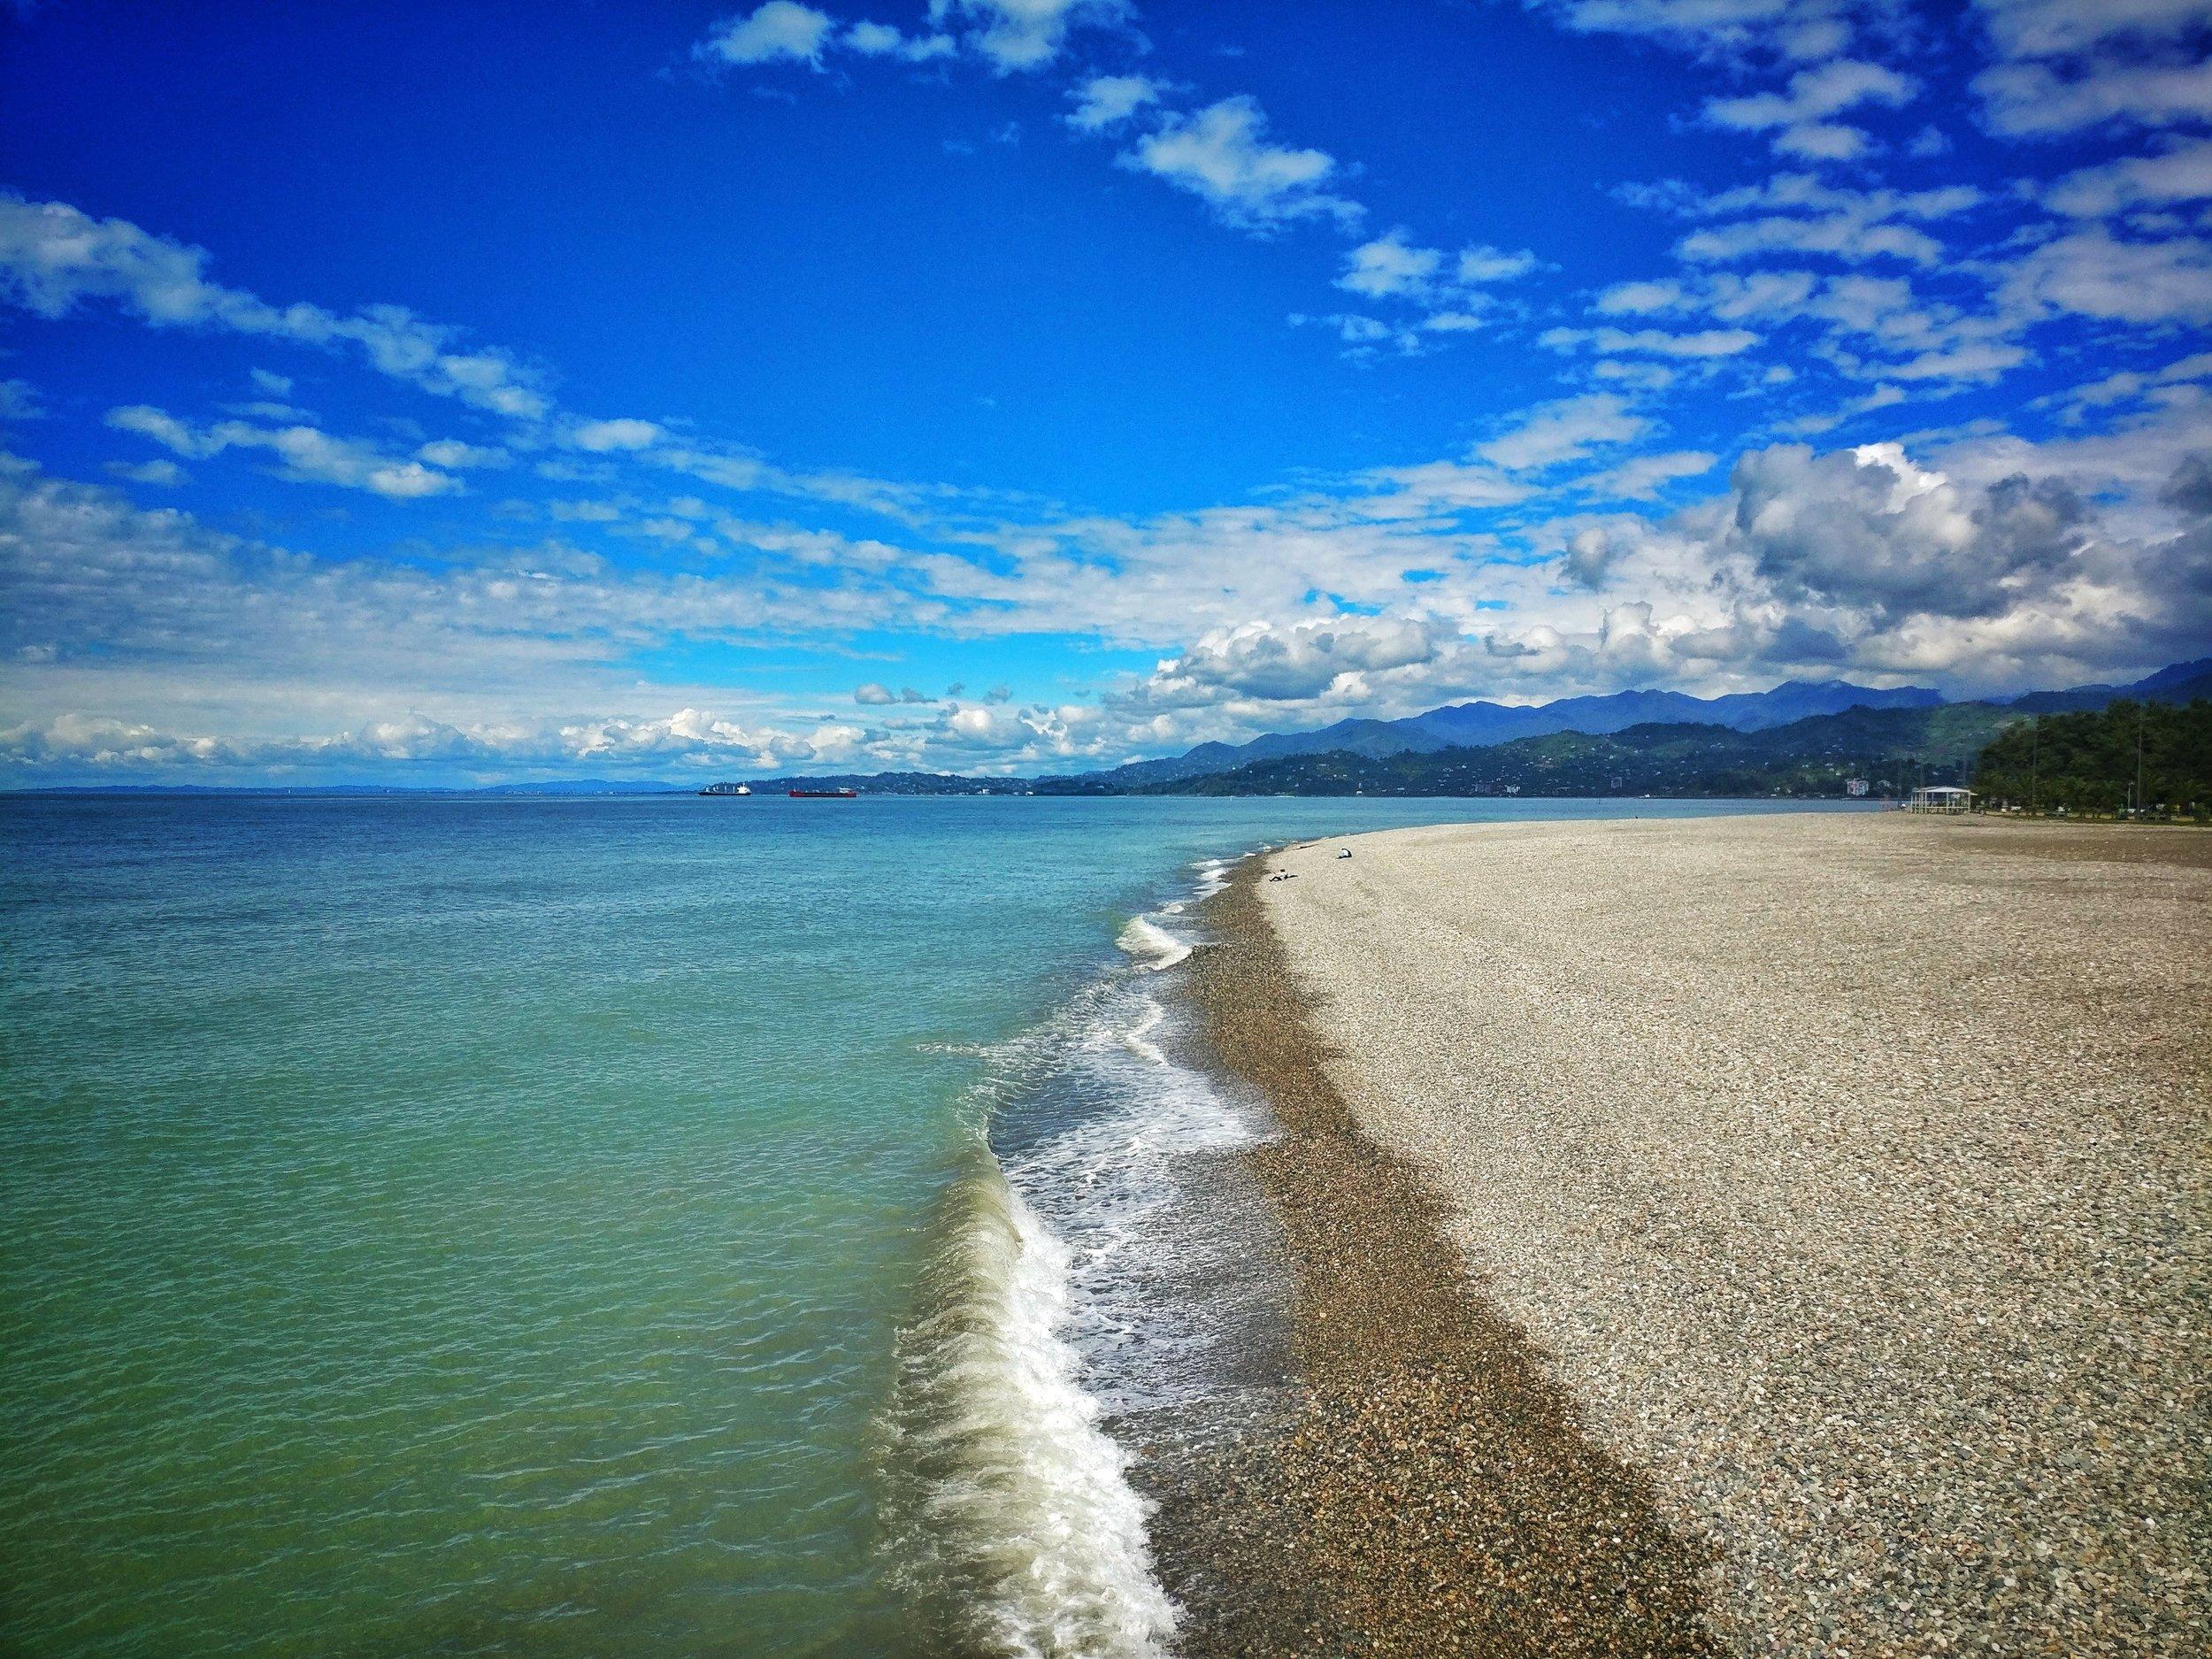 Batumi's coastline